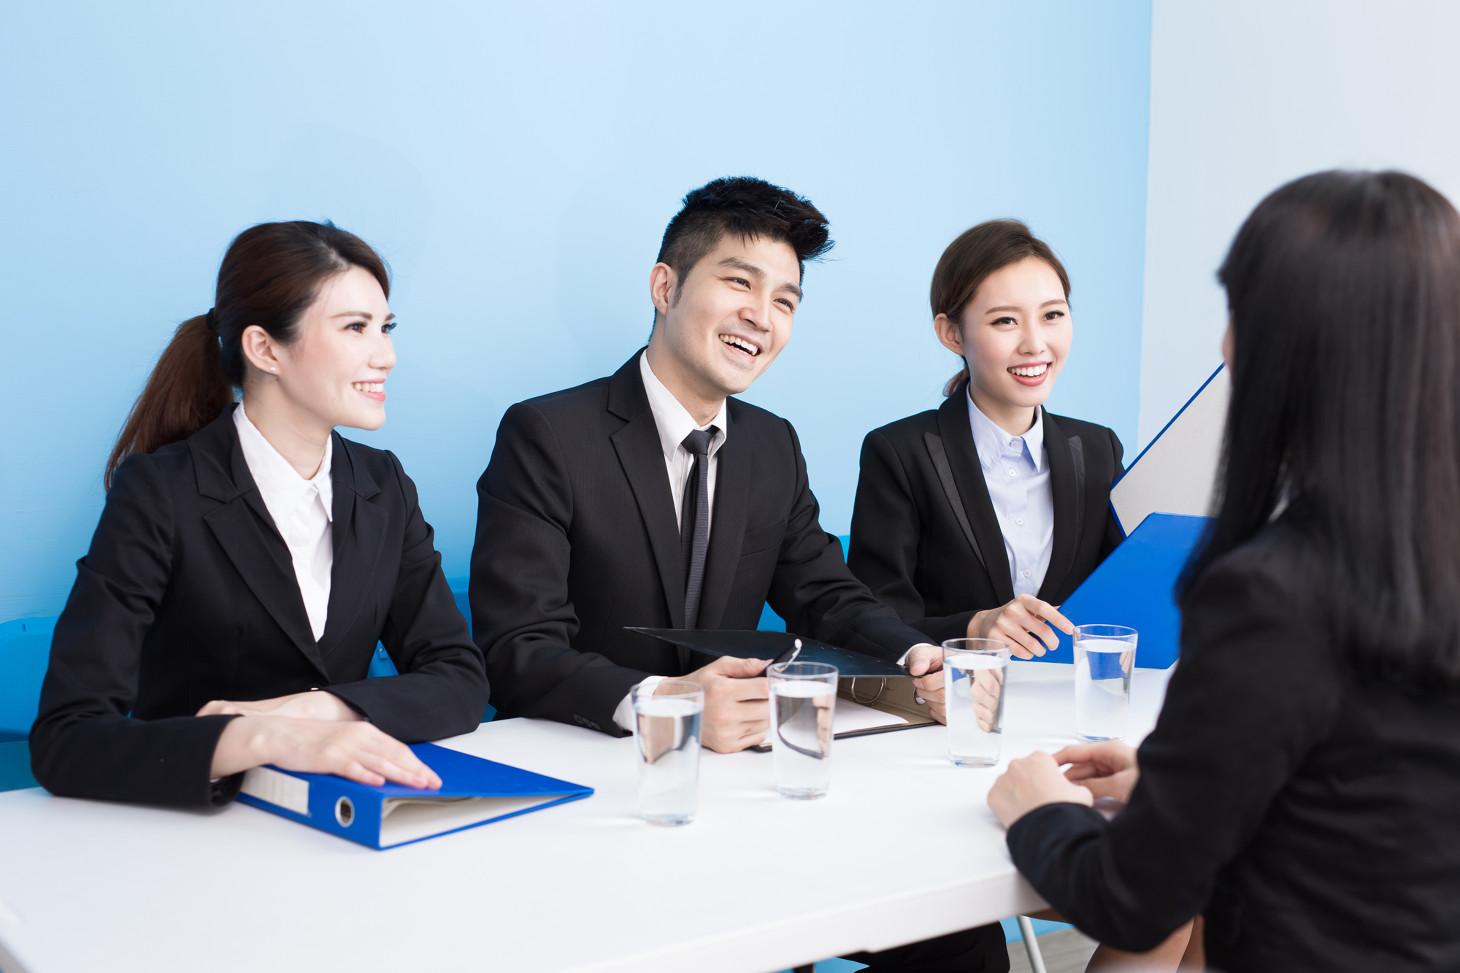 <回答例付き!>日本の面接における、6つの重要な質問とは?